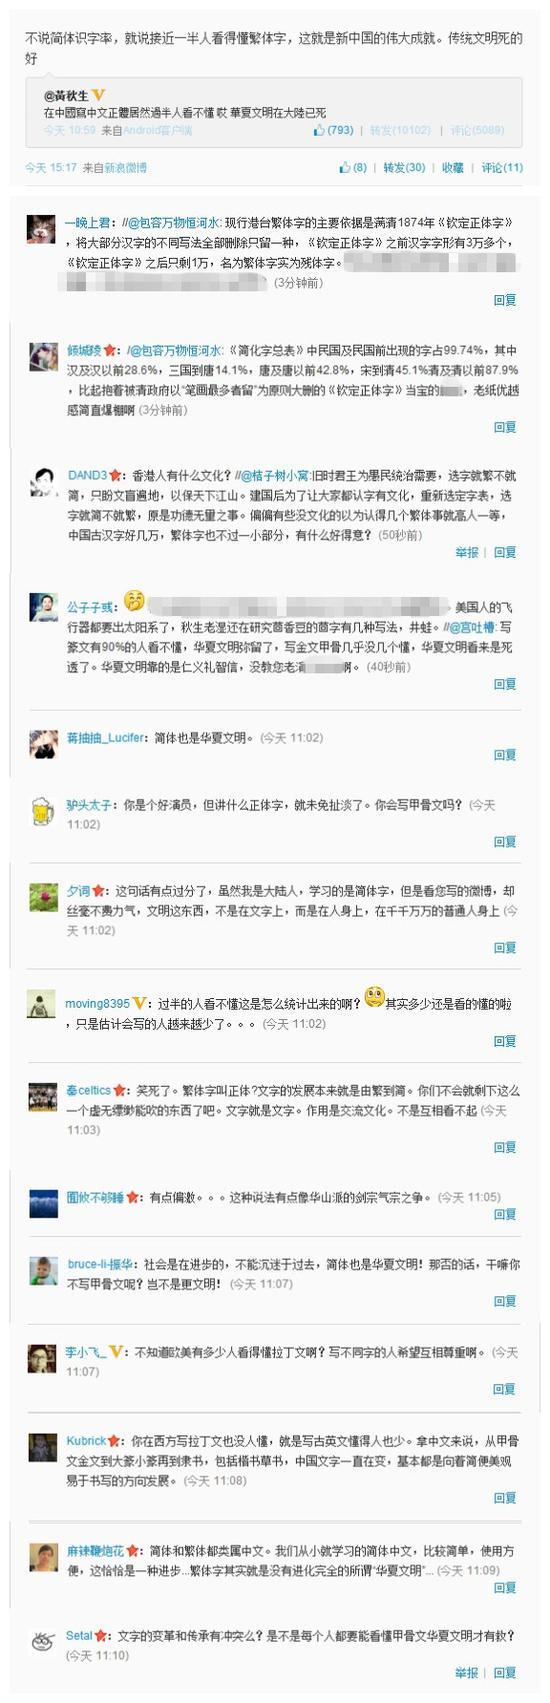 """被造谣打脸成龙""""中国电影论"""" 与罗志祥王晶公开骂战 黄秋生何许人也"""